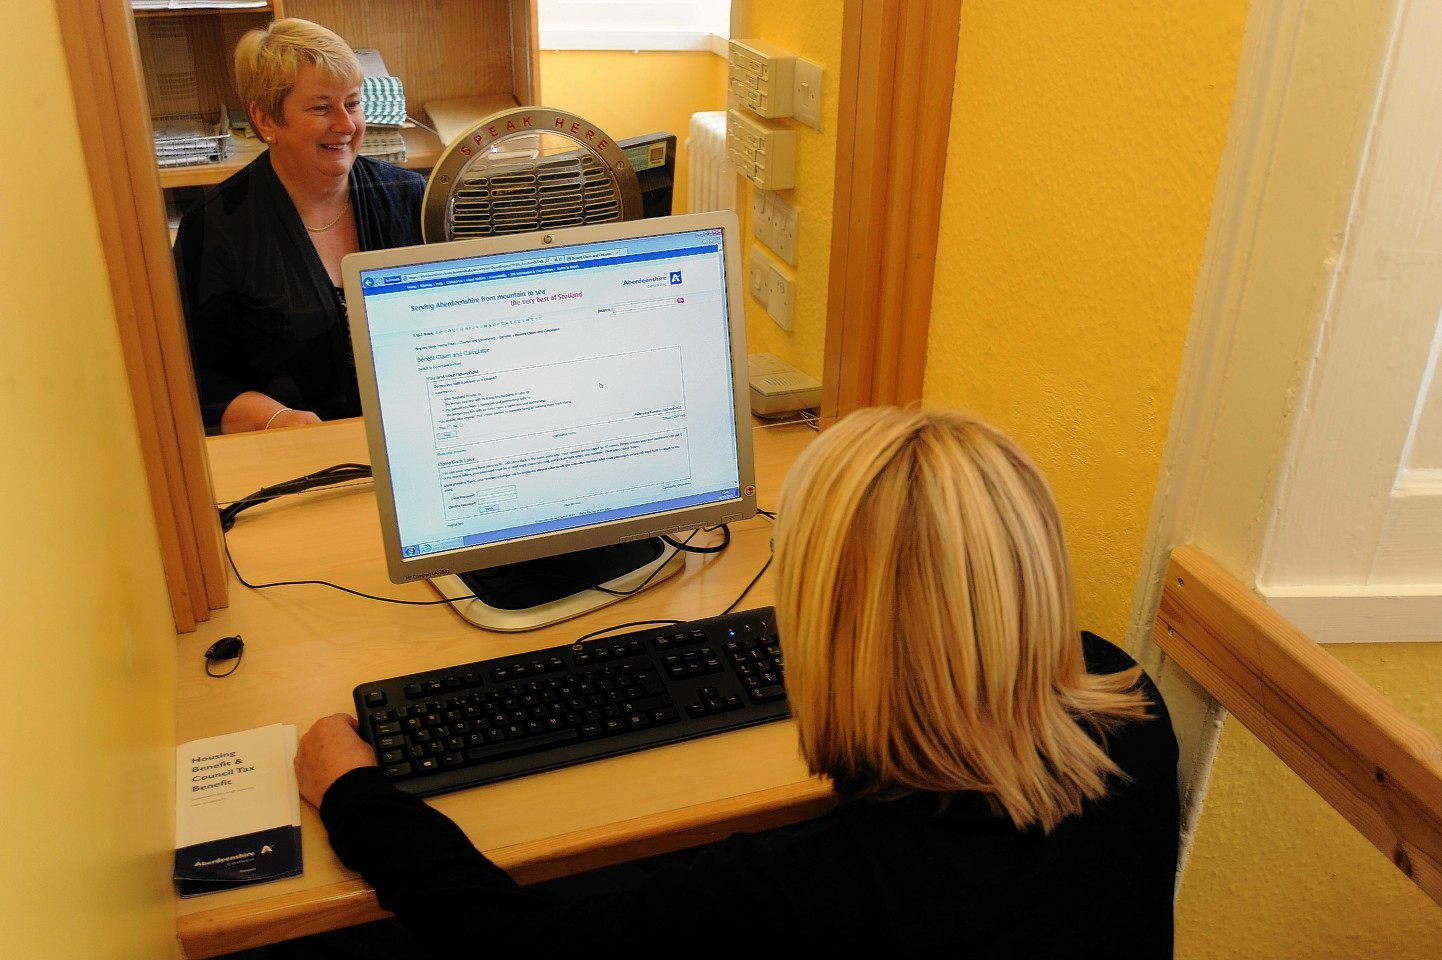 Online benefit scheme in Banff